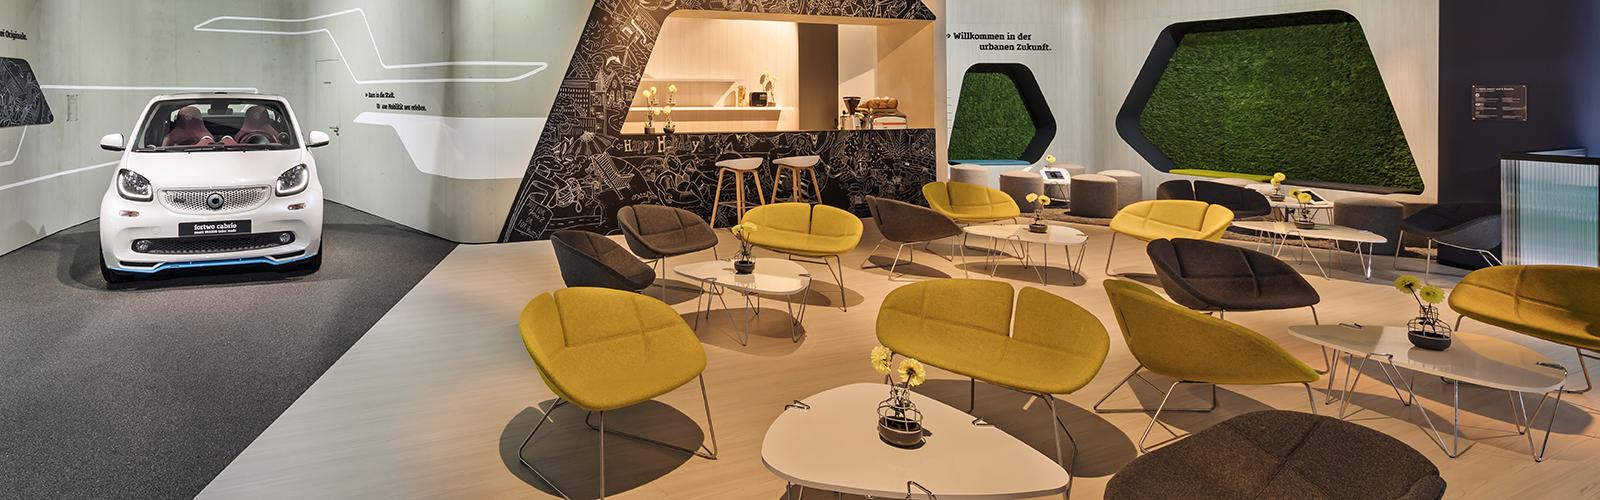 Braunwagner Spatial und Interior Design smart since 2003